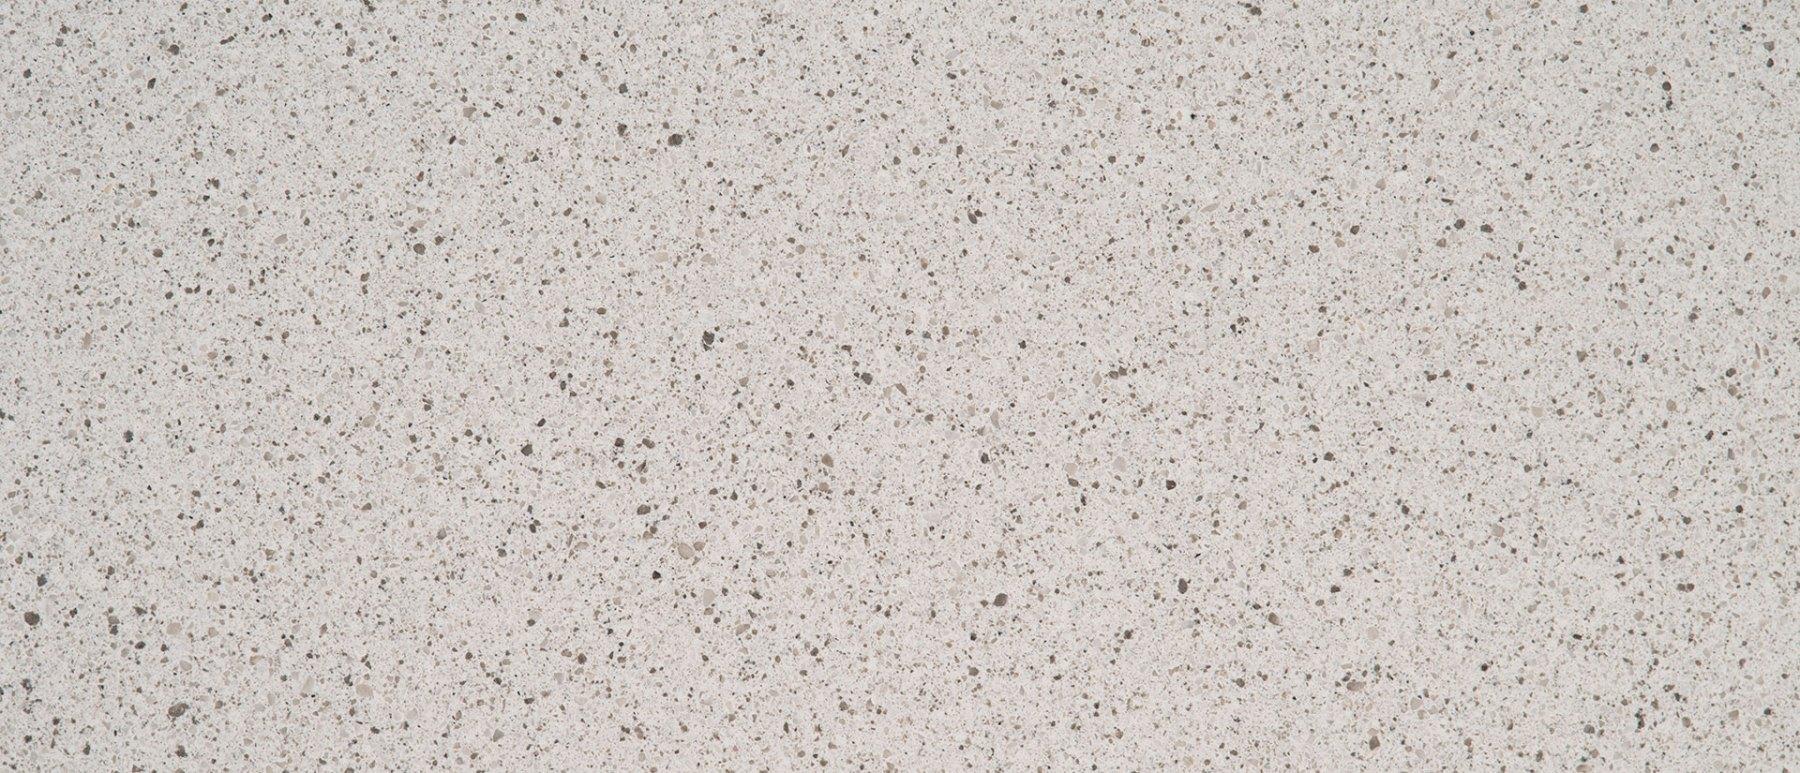 peppercorn-white-quartz-1